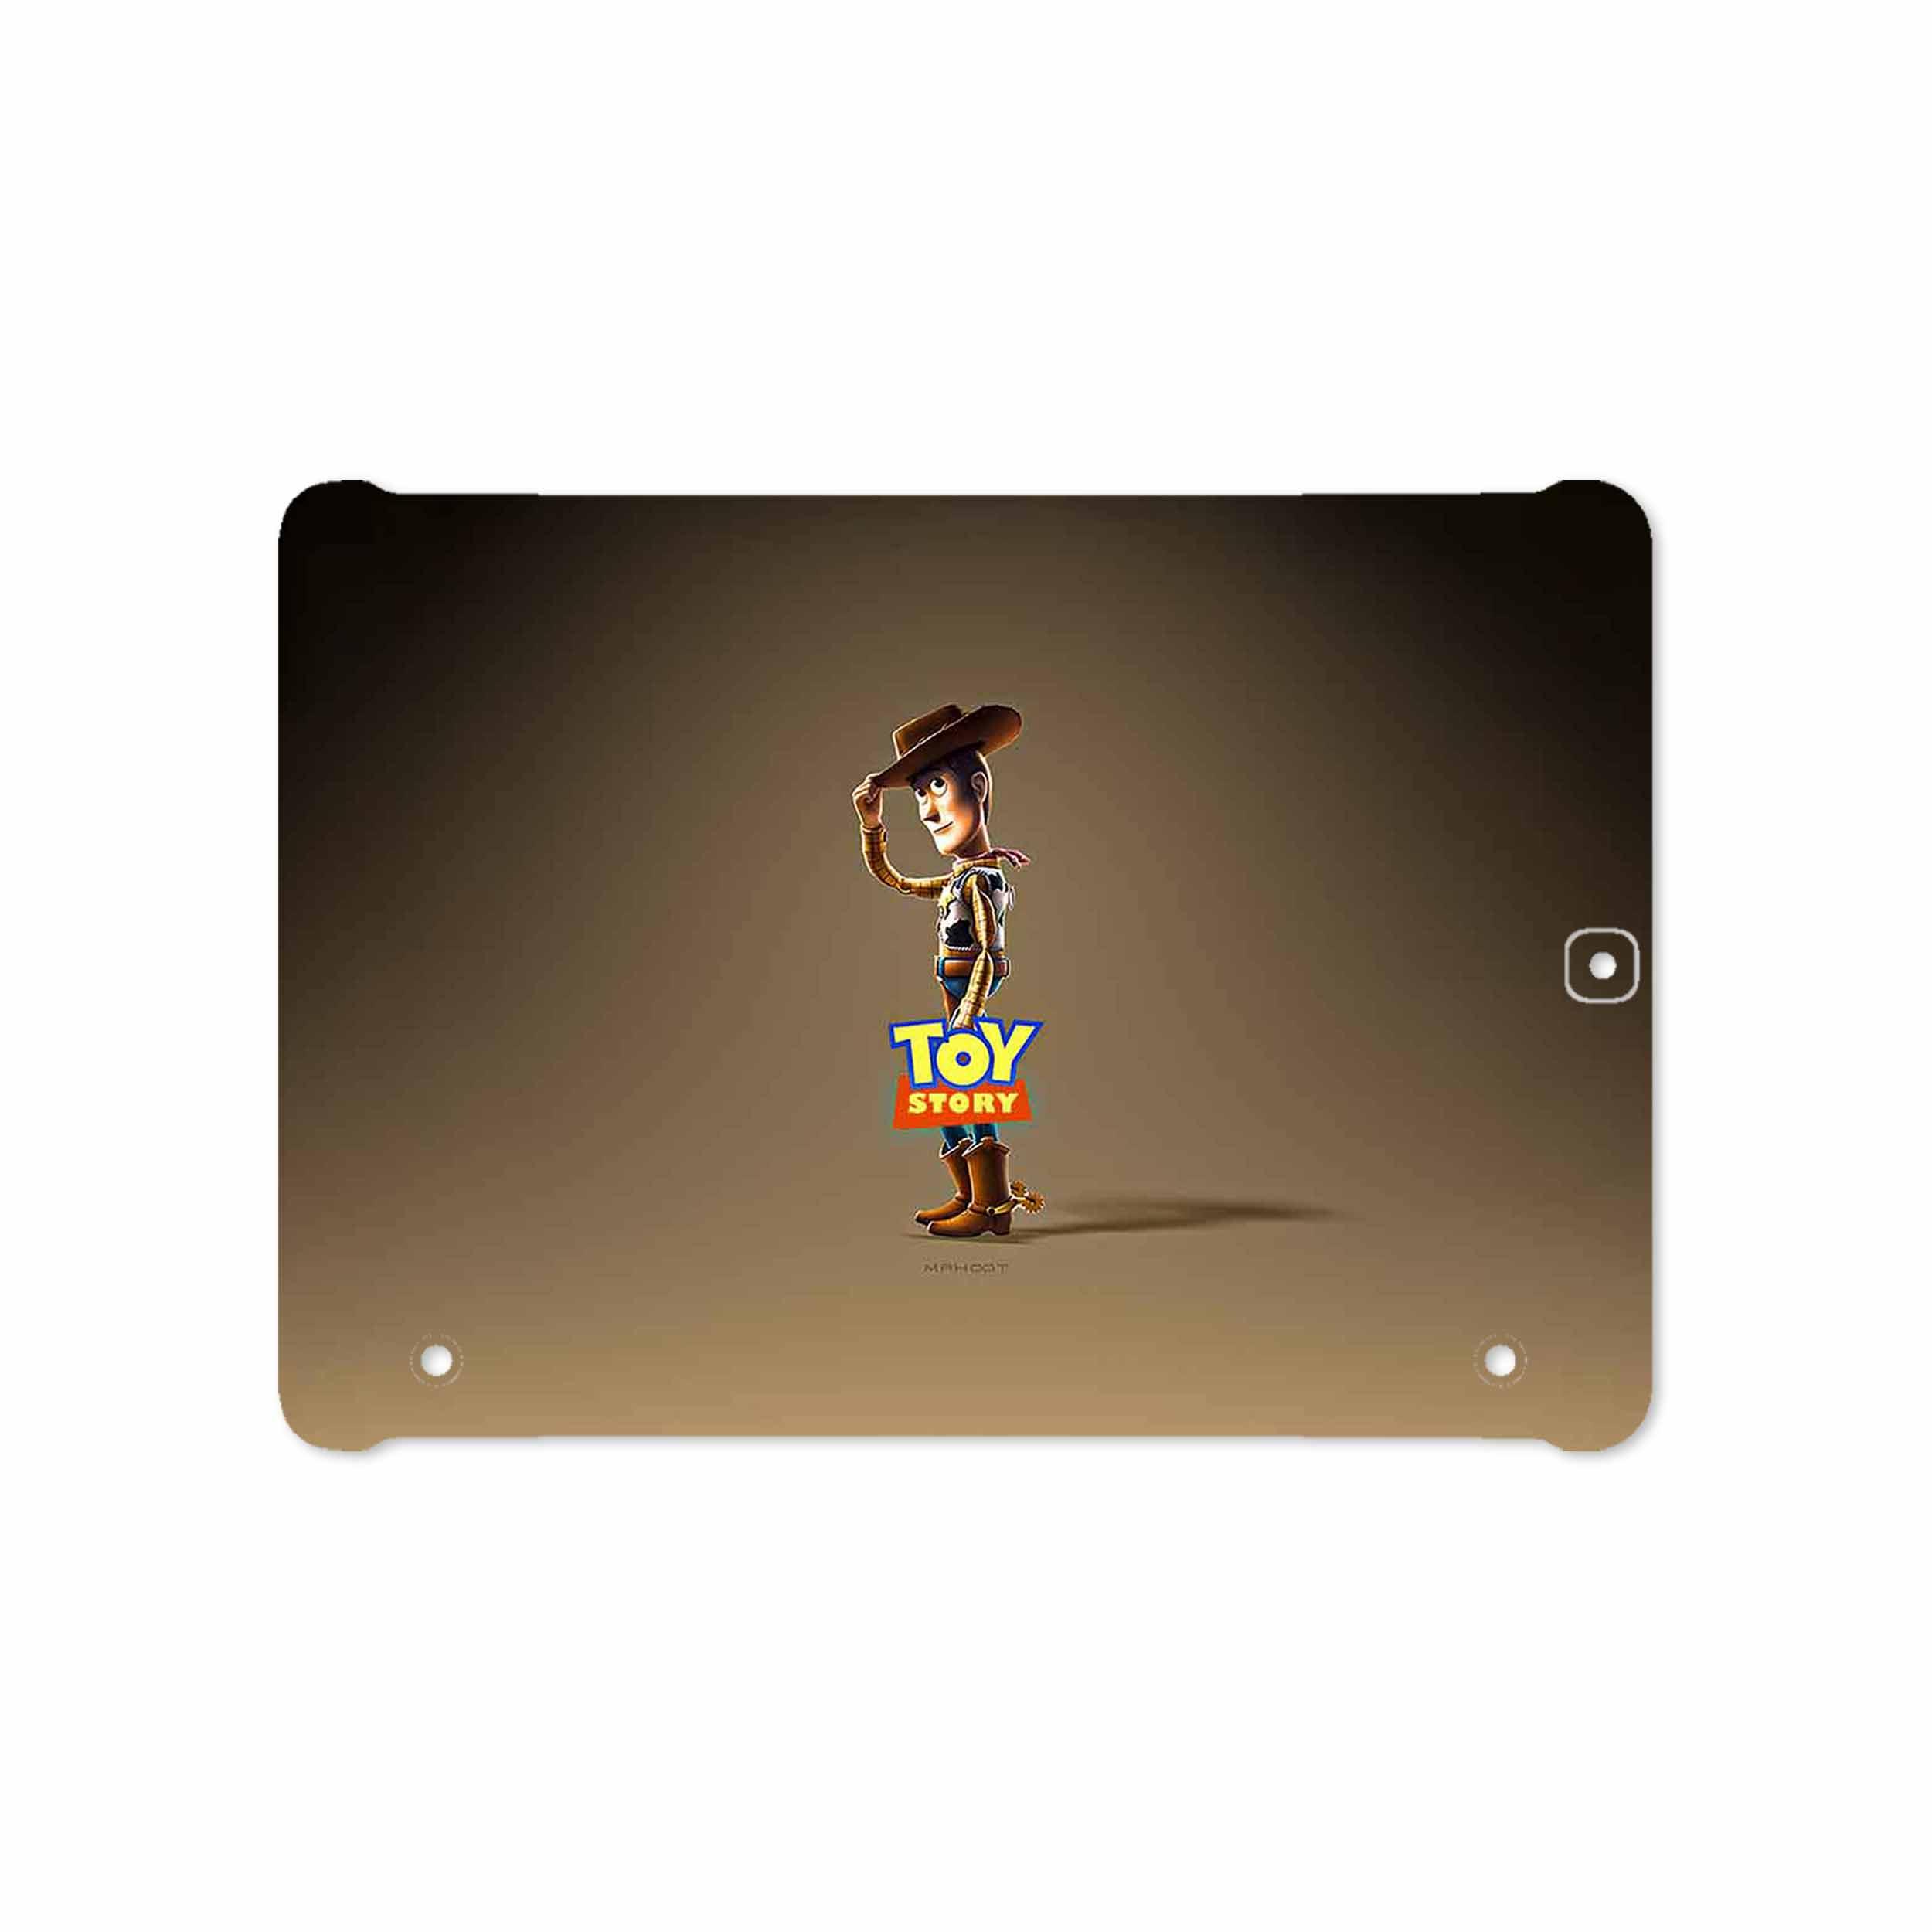 بررسی و خرید [با تخفیف]                                     برچسب پوششی ماهوت مدل Toy Story مناسب برای تبلت سامسونگ Galaxy Tab S2 9.7 2016 T813N                             اورجینال